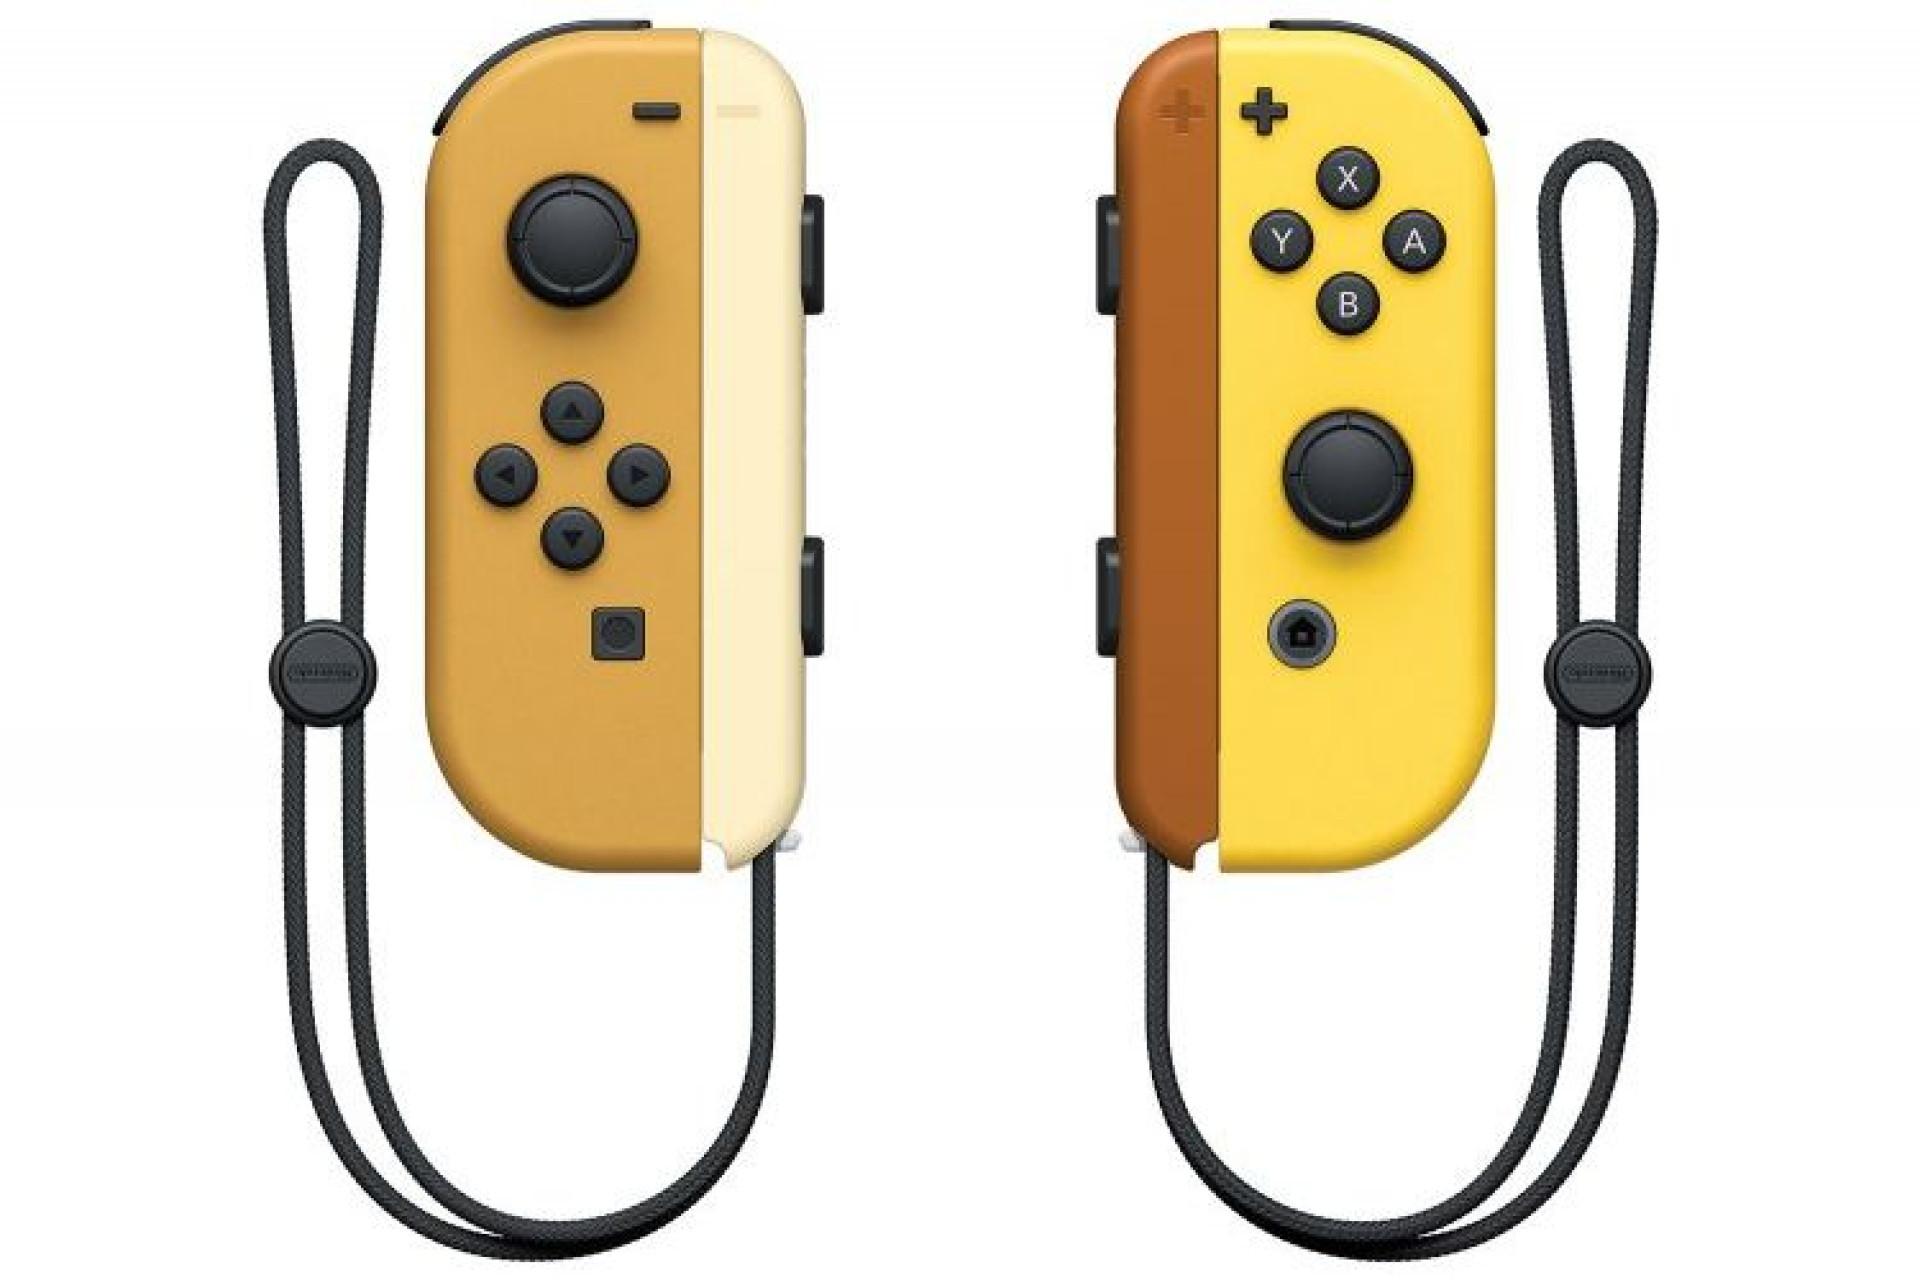 Fãs de Pokémon, esta Nintendo Switch é para vocês